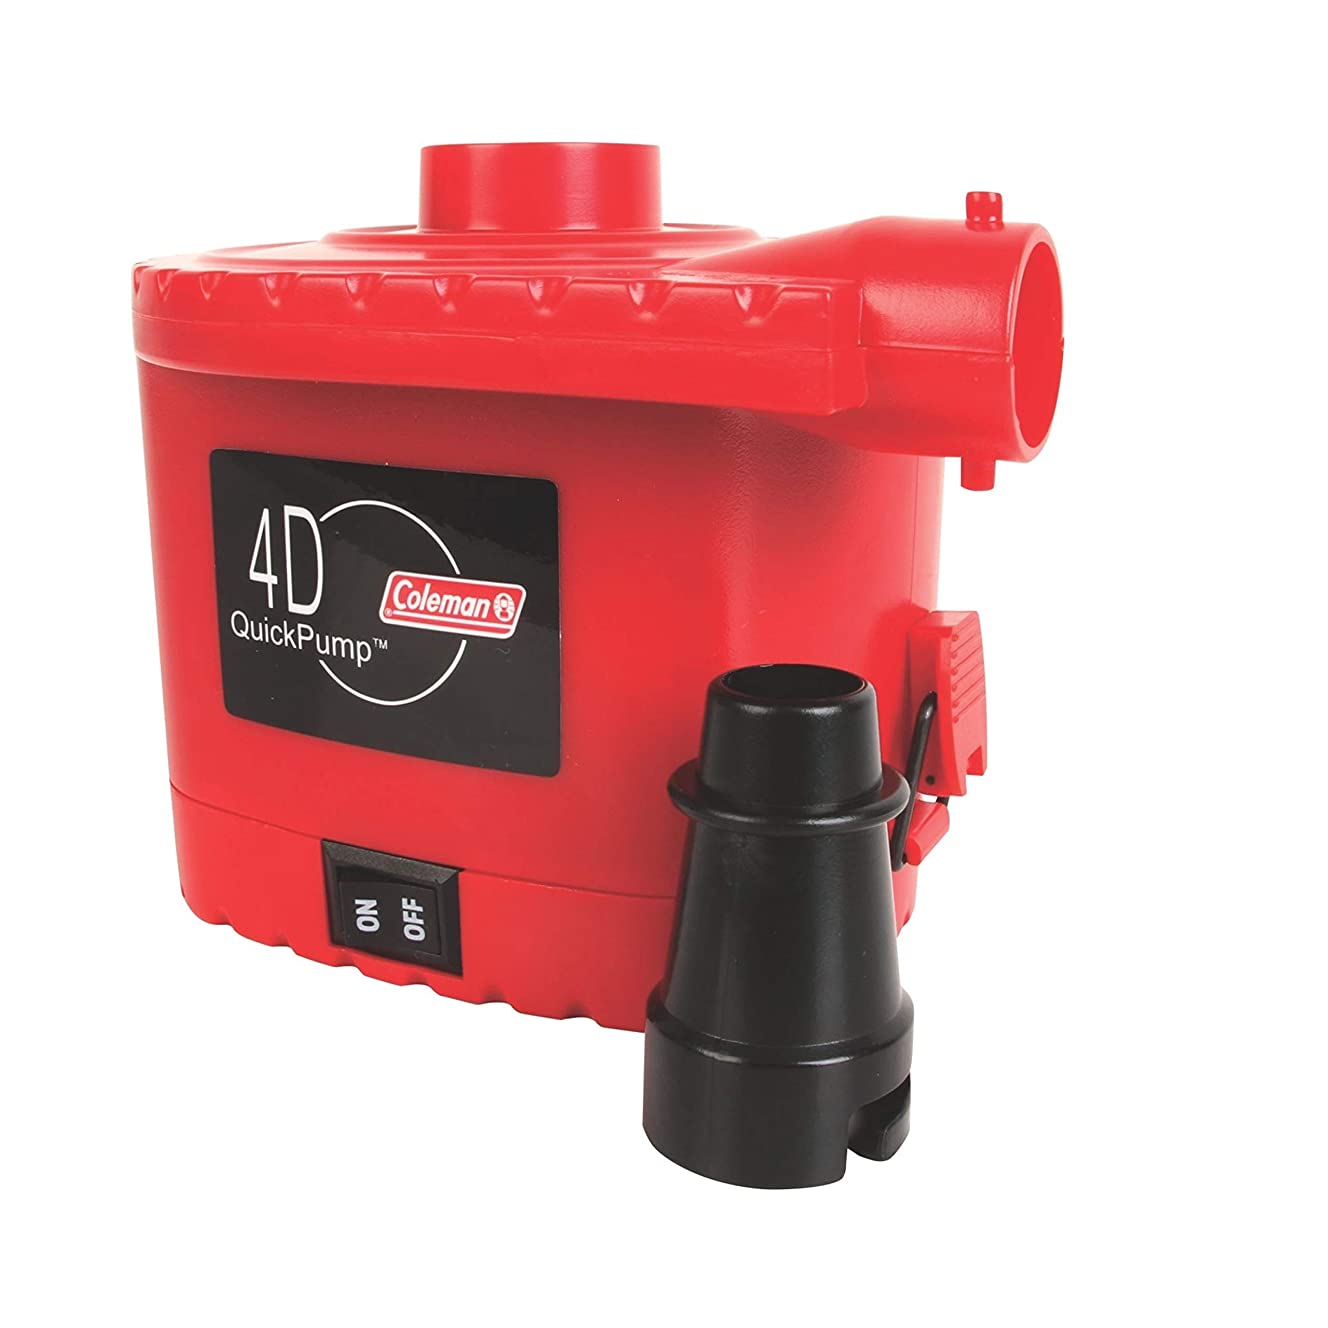 Coleman 4D Battery QuickPump Electric Pump